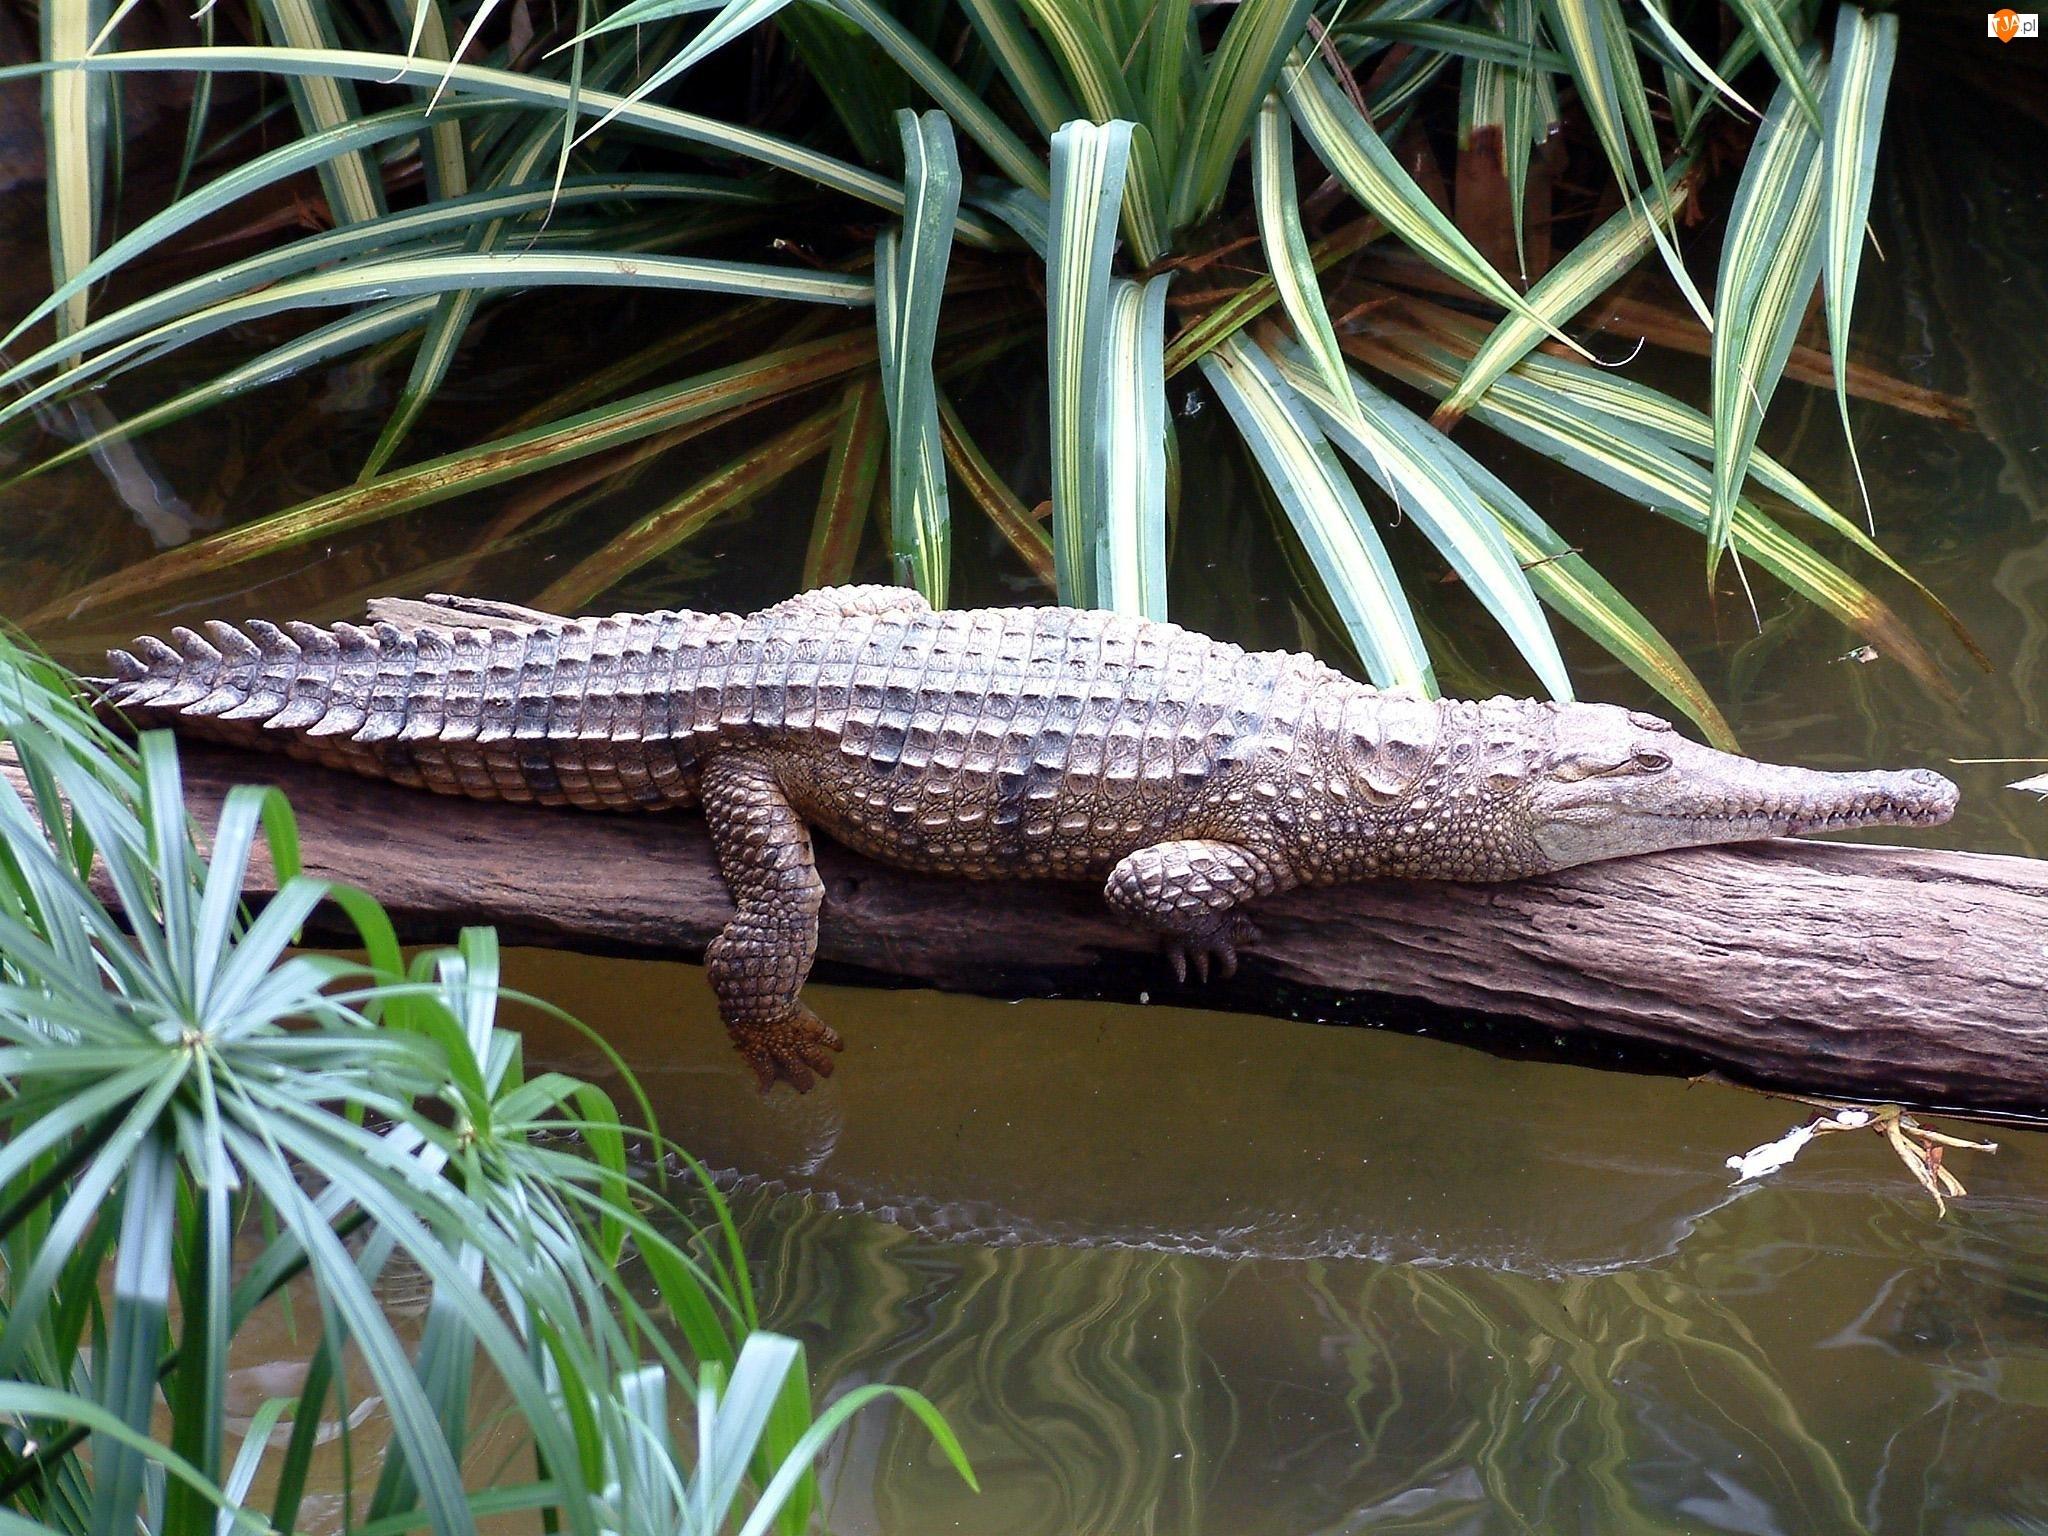 Aligator, Drzewa, Woda, Konar